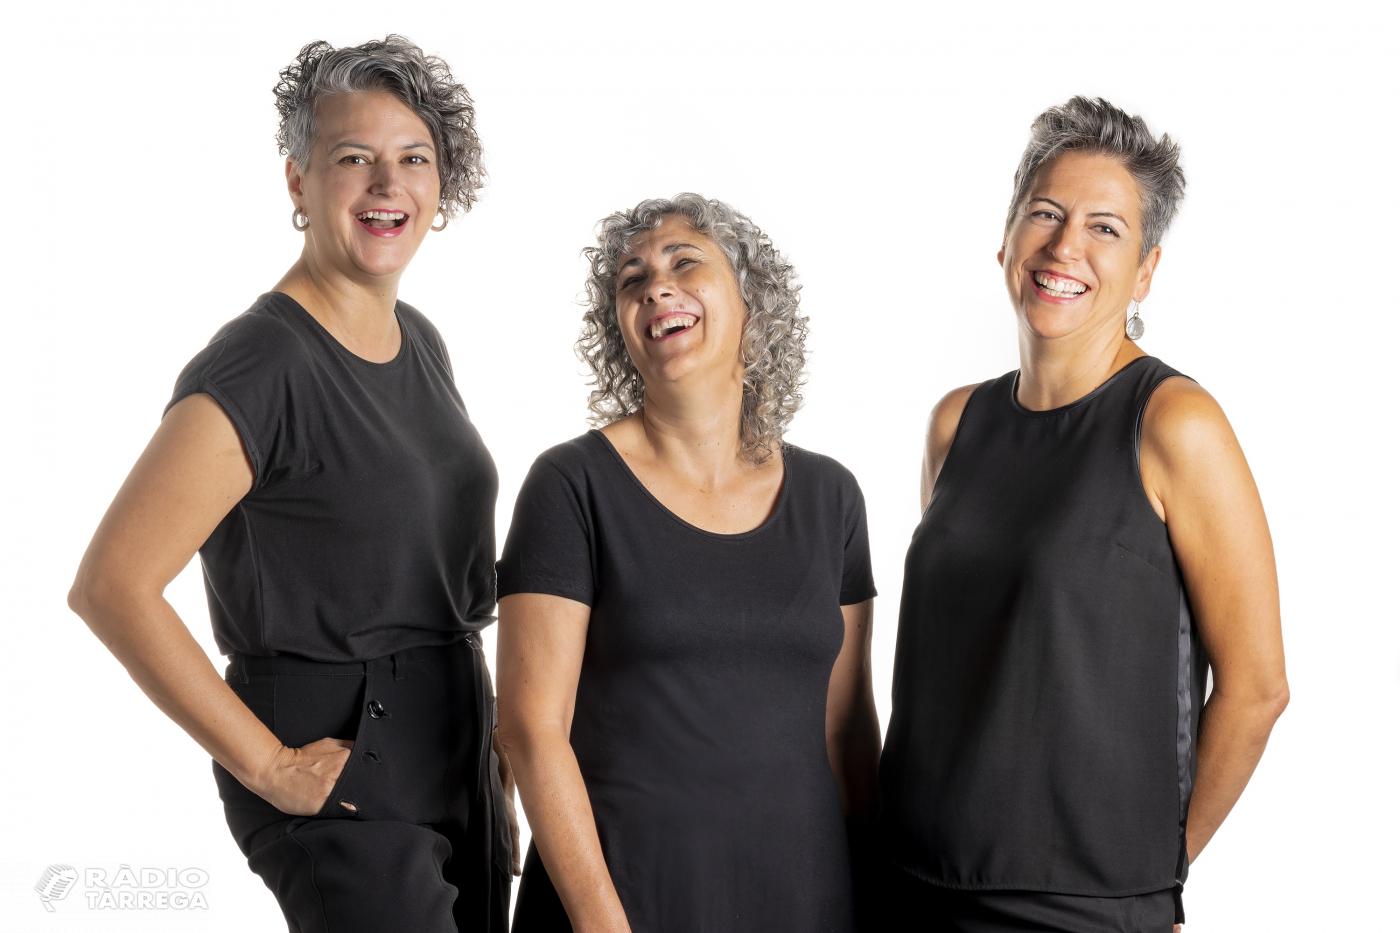 El grup lleidatà Krregades de Romanços seran les protagonistes del cicle d'Havaneres i Música Tradicional de Tàrrega